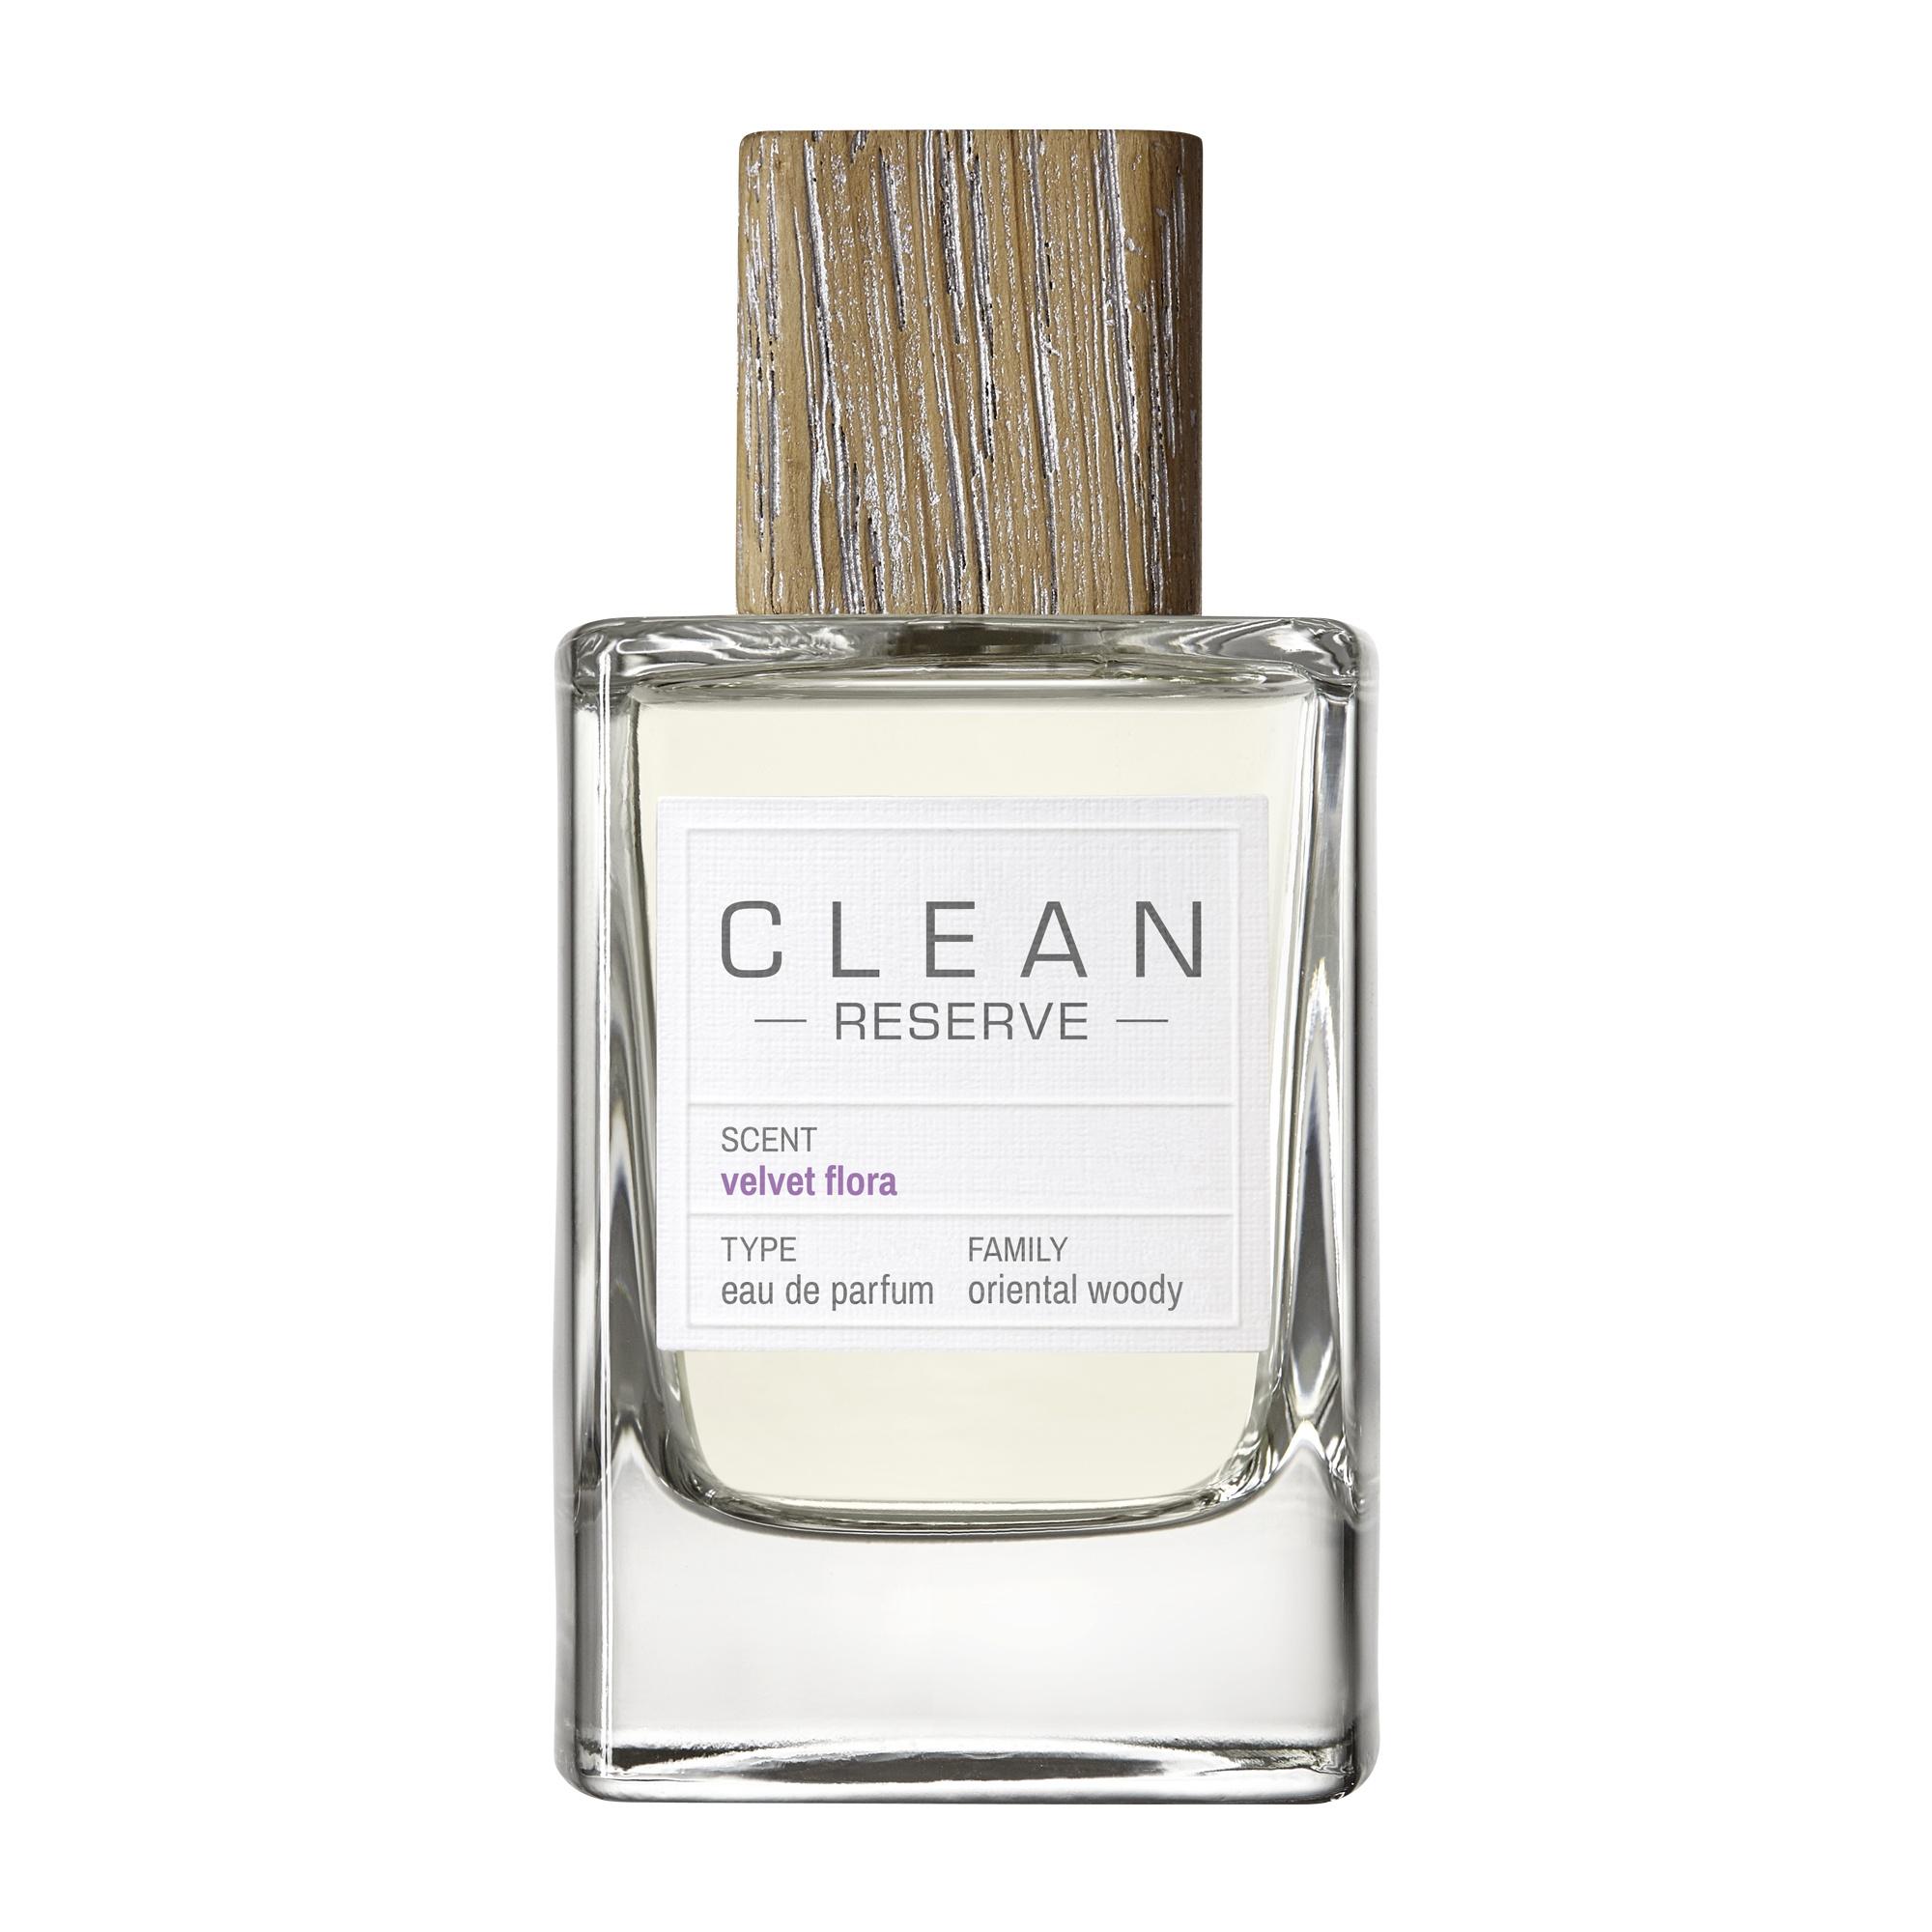 CLEAN RESERVE Velvet Flora EDP, 100 ml